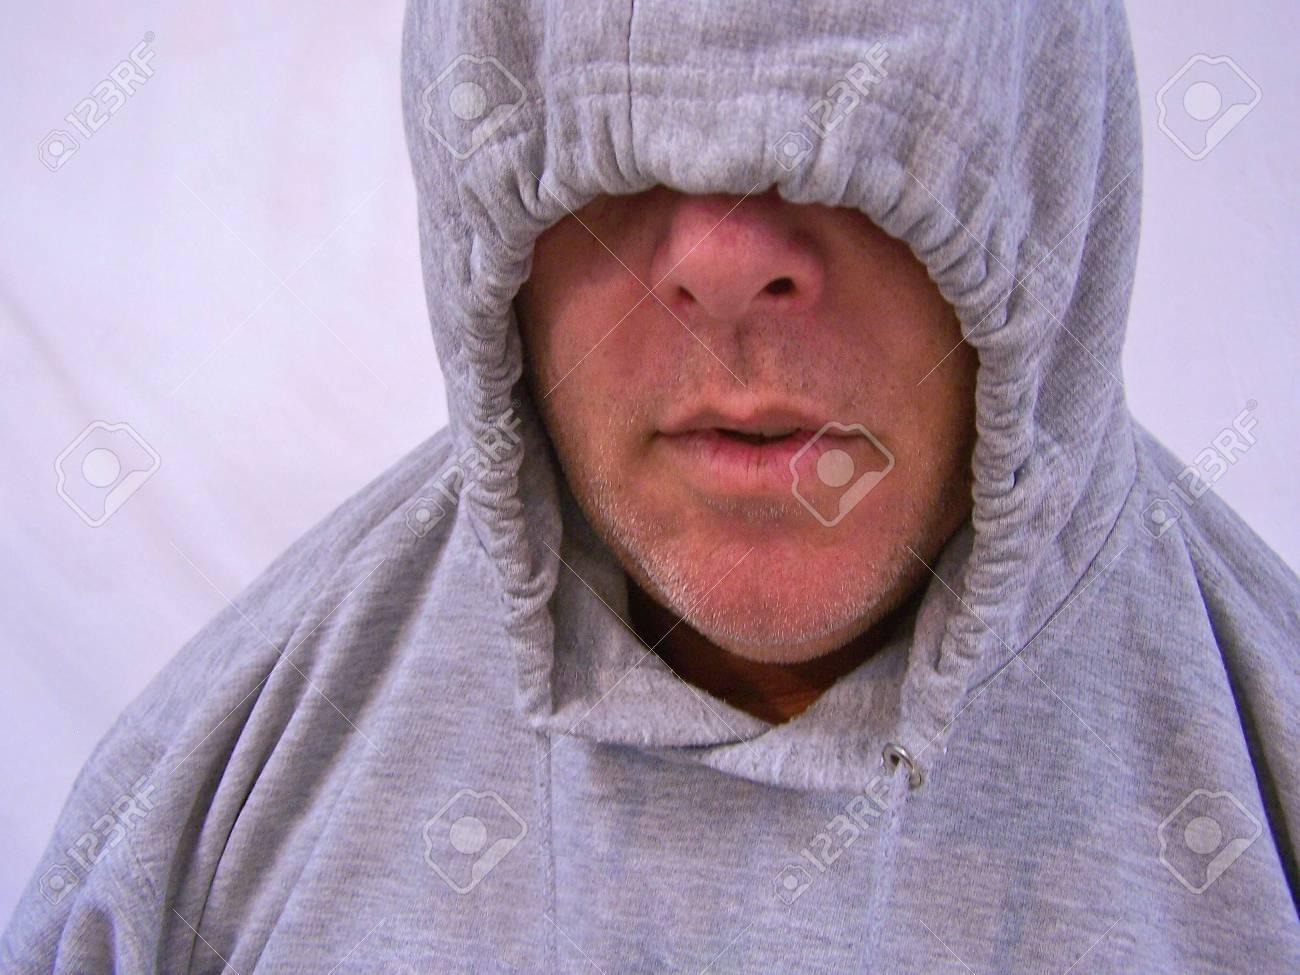 man with hooded sweatshirt Stock Photo - 3577689